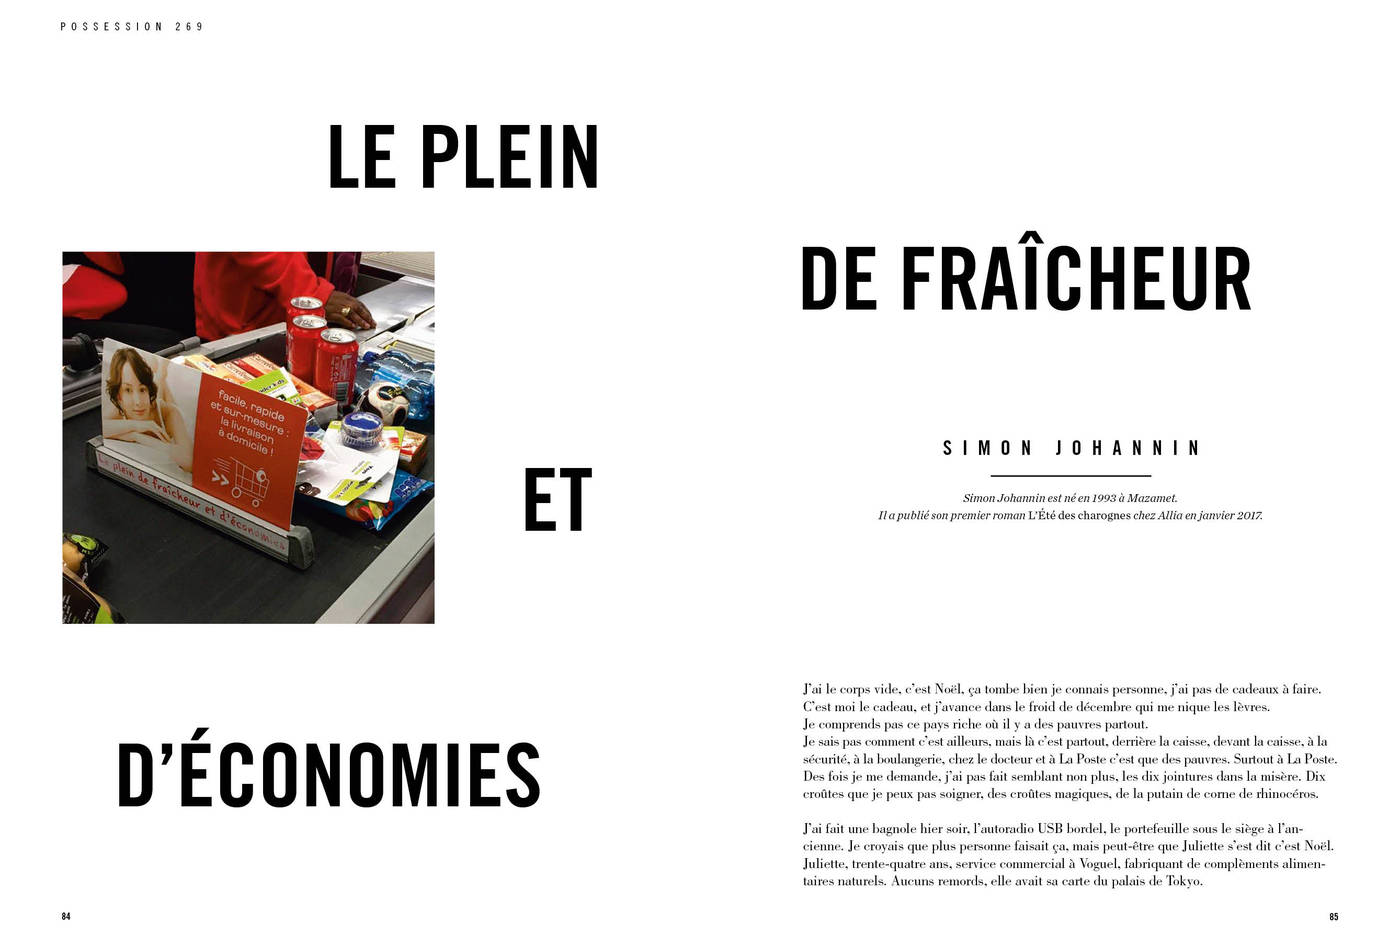 Texte de Simon Johannin, Le plein de fraicheur et d'économie